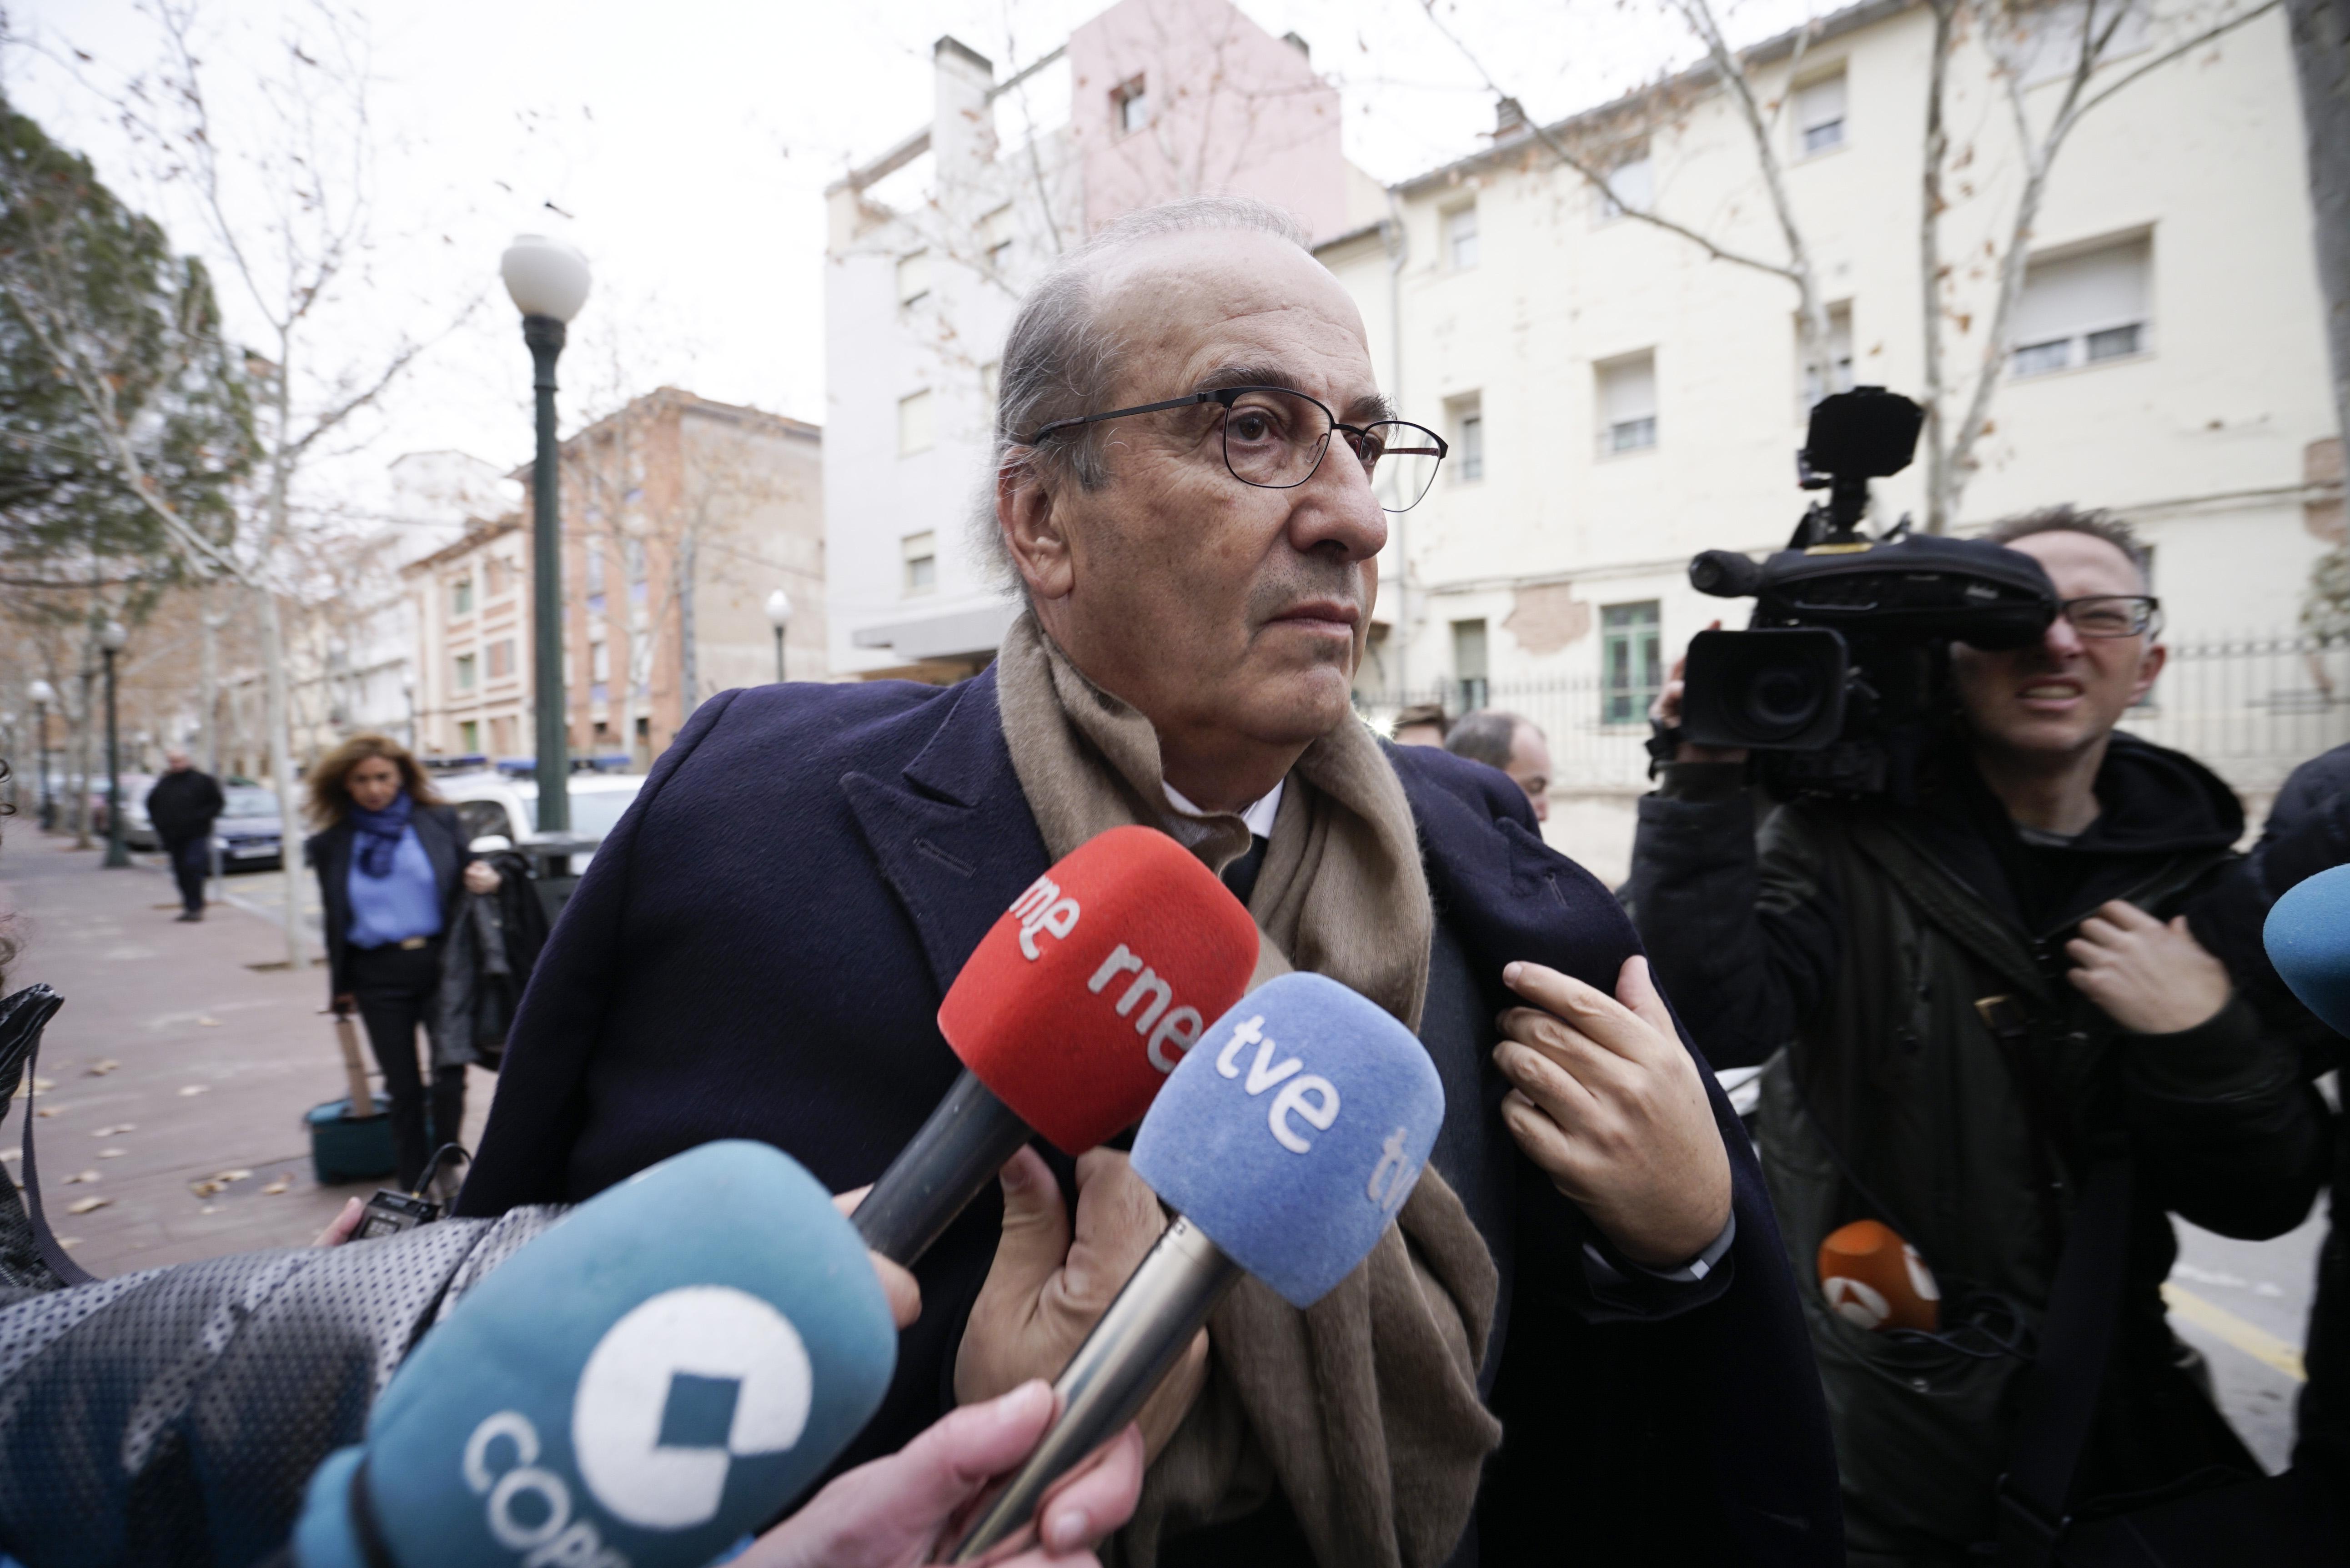 Se retrasa la exhumación de los restos de Franco y su familia está pletórica: «Era de justicia»